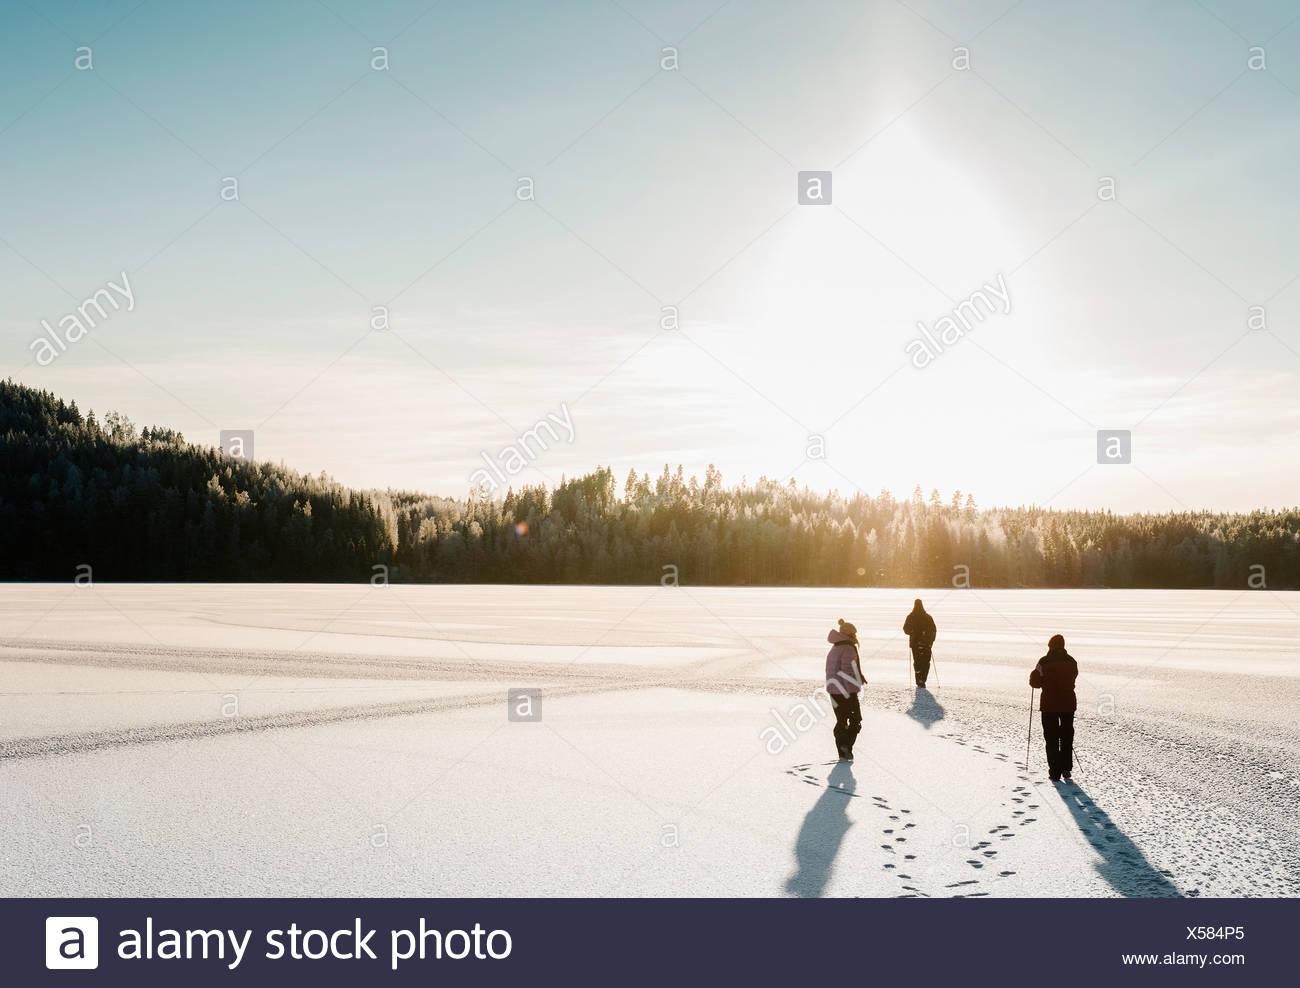 Drei Menschen nordic walking durch Schnee überdachten Bereich Stockbild